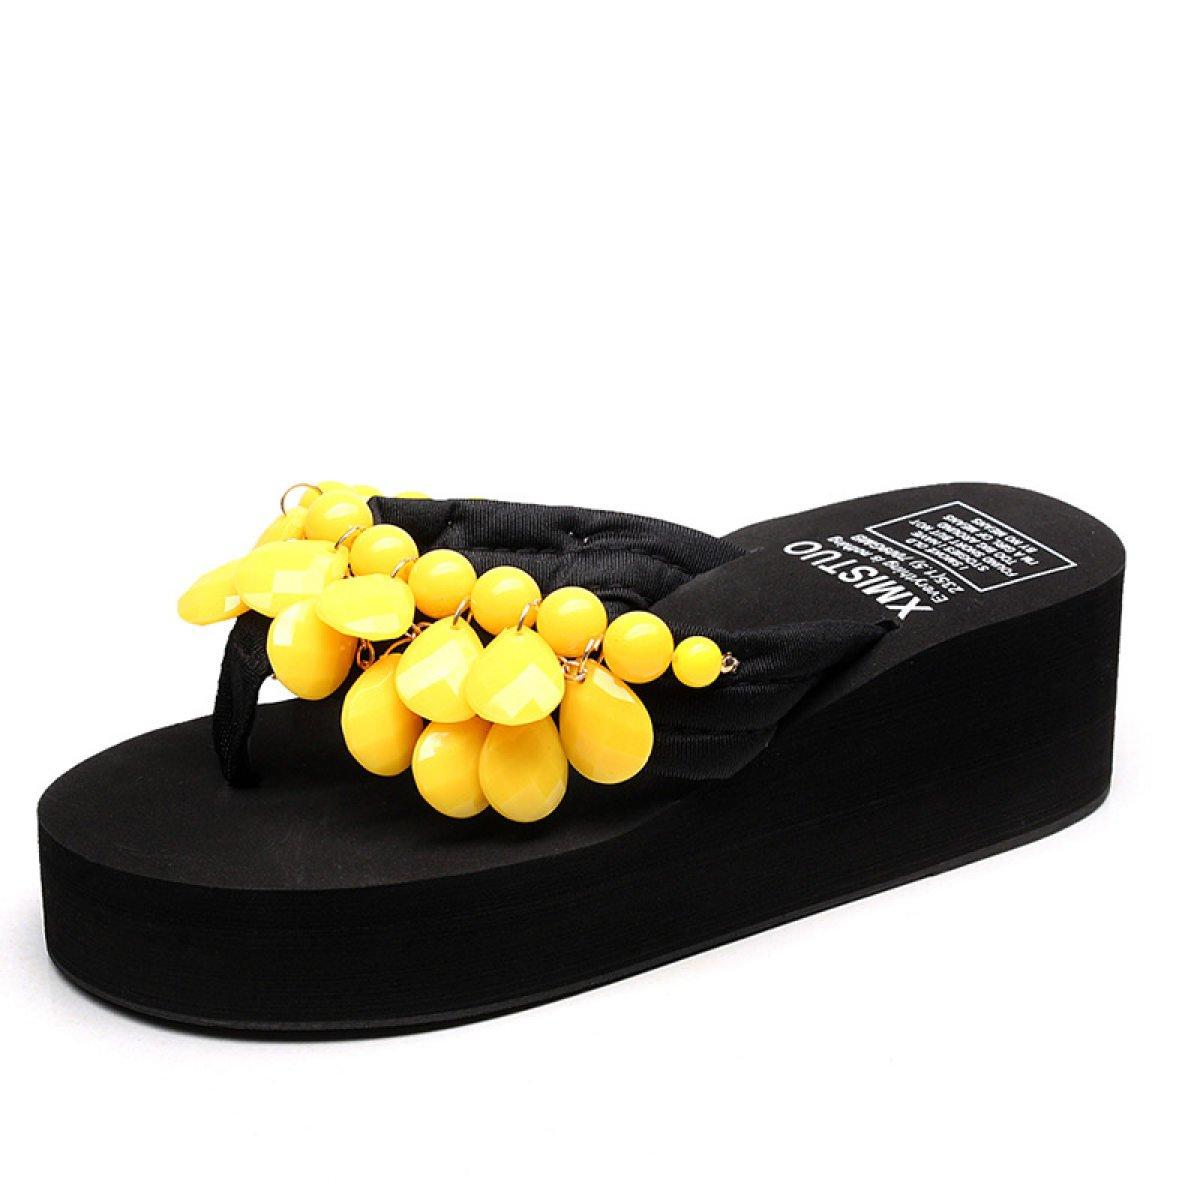 GSHGA Mode Handarbeit Perlen Hausschuhe Strand Damenschuhe Sandalen T-Strap Bohemia Römersandalen  38|Yellow